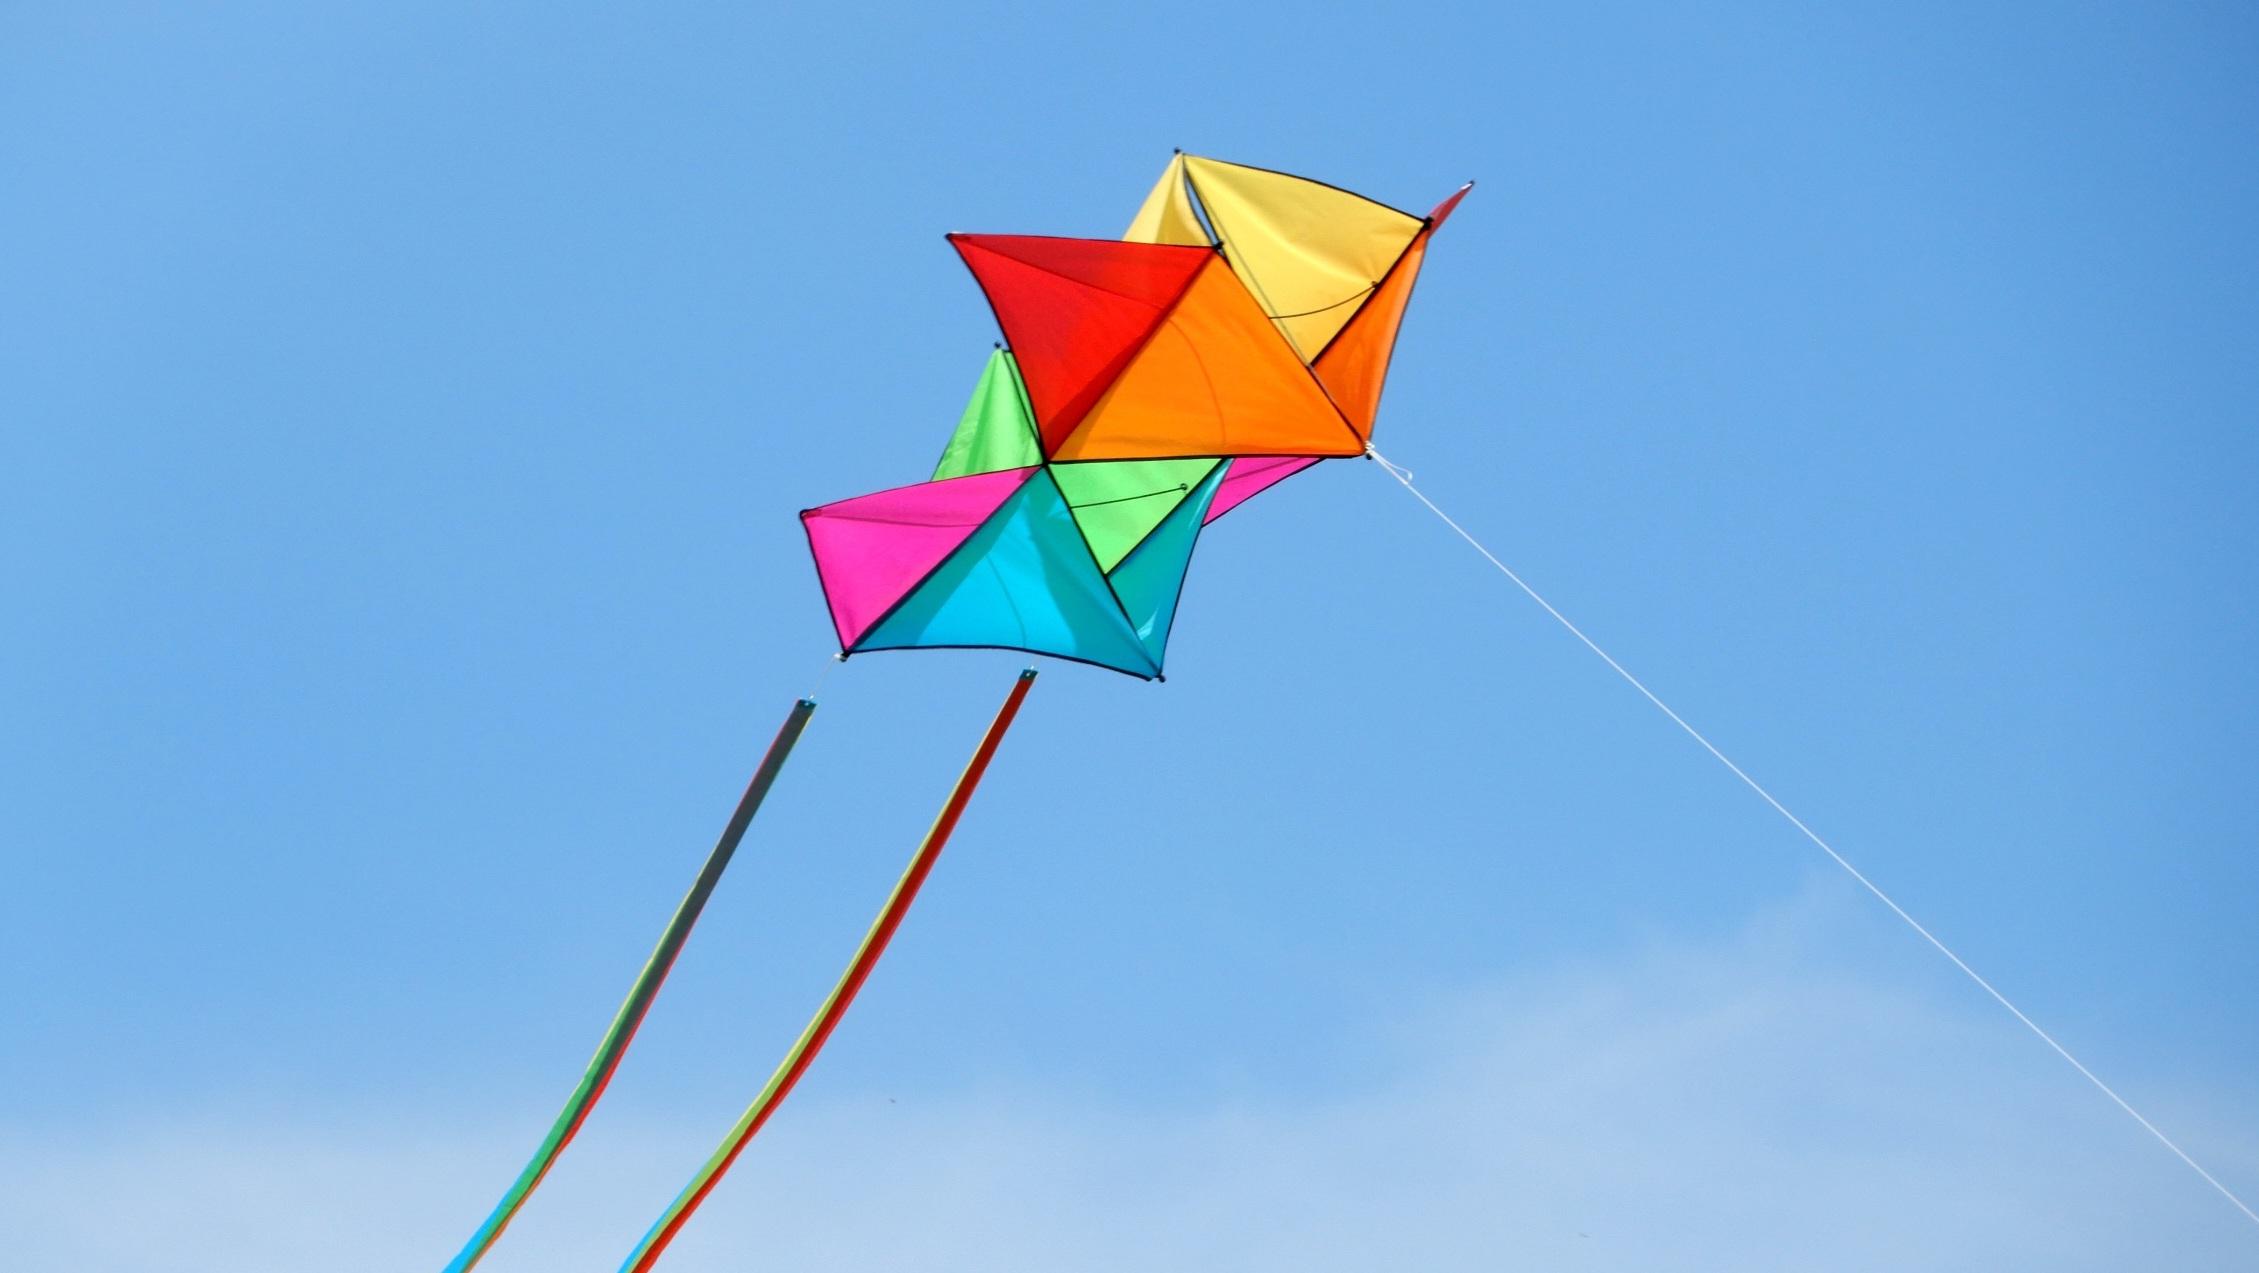 kites in sky flying